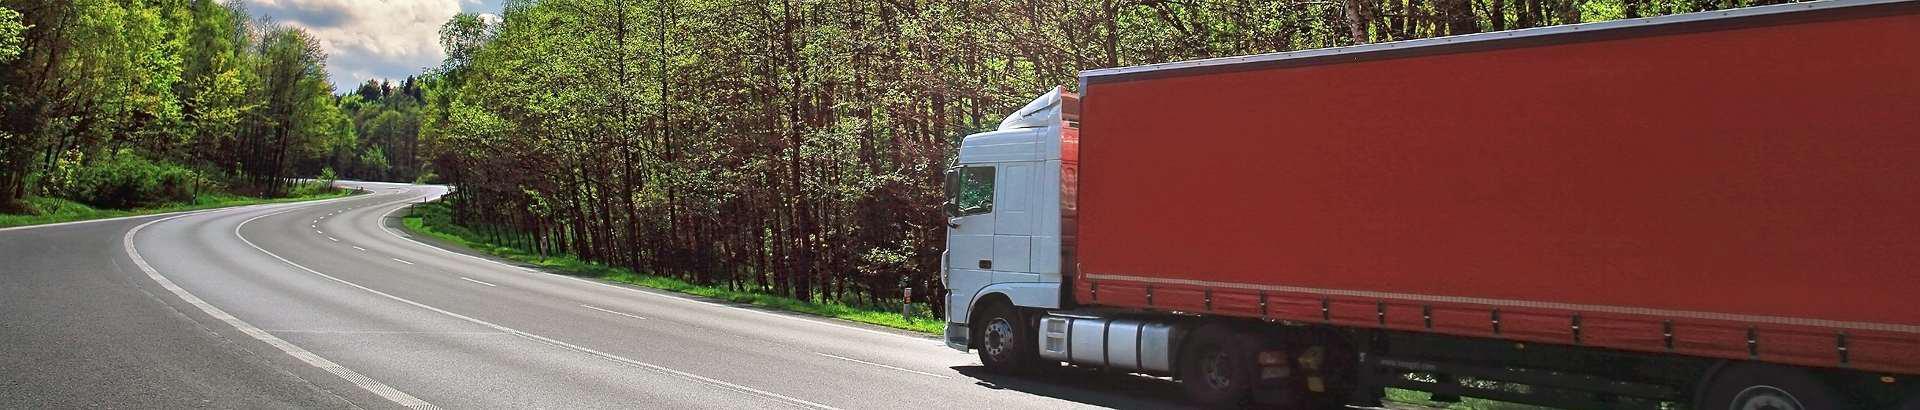 rahvusvahelised veod, transpordi- ja kullerteenused, transporditeenused, logistika